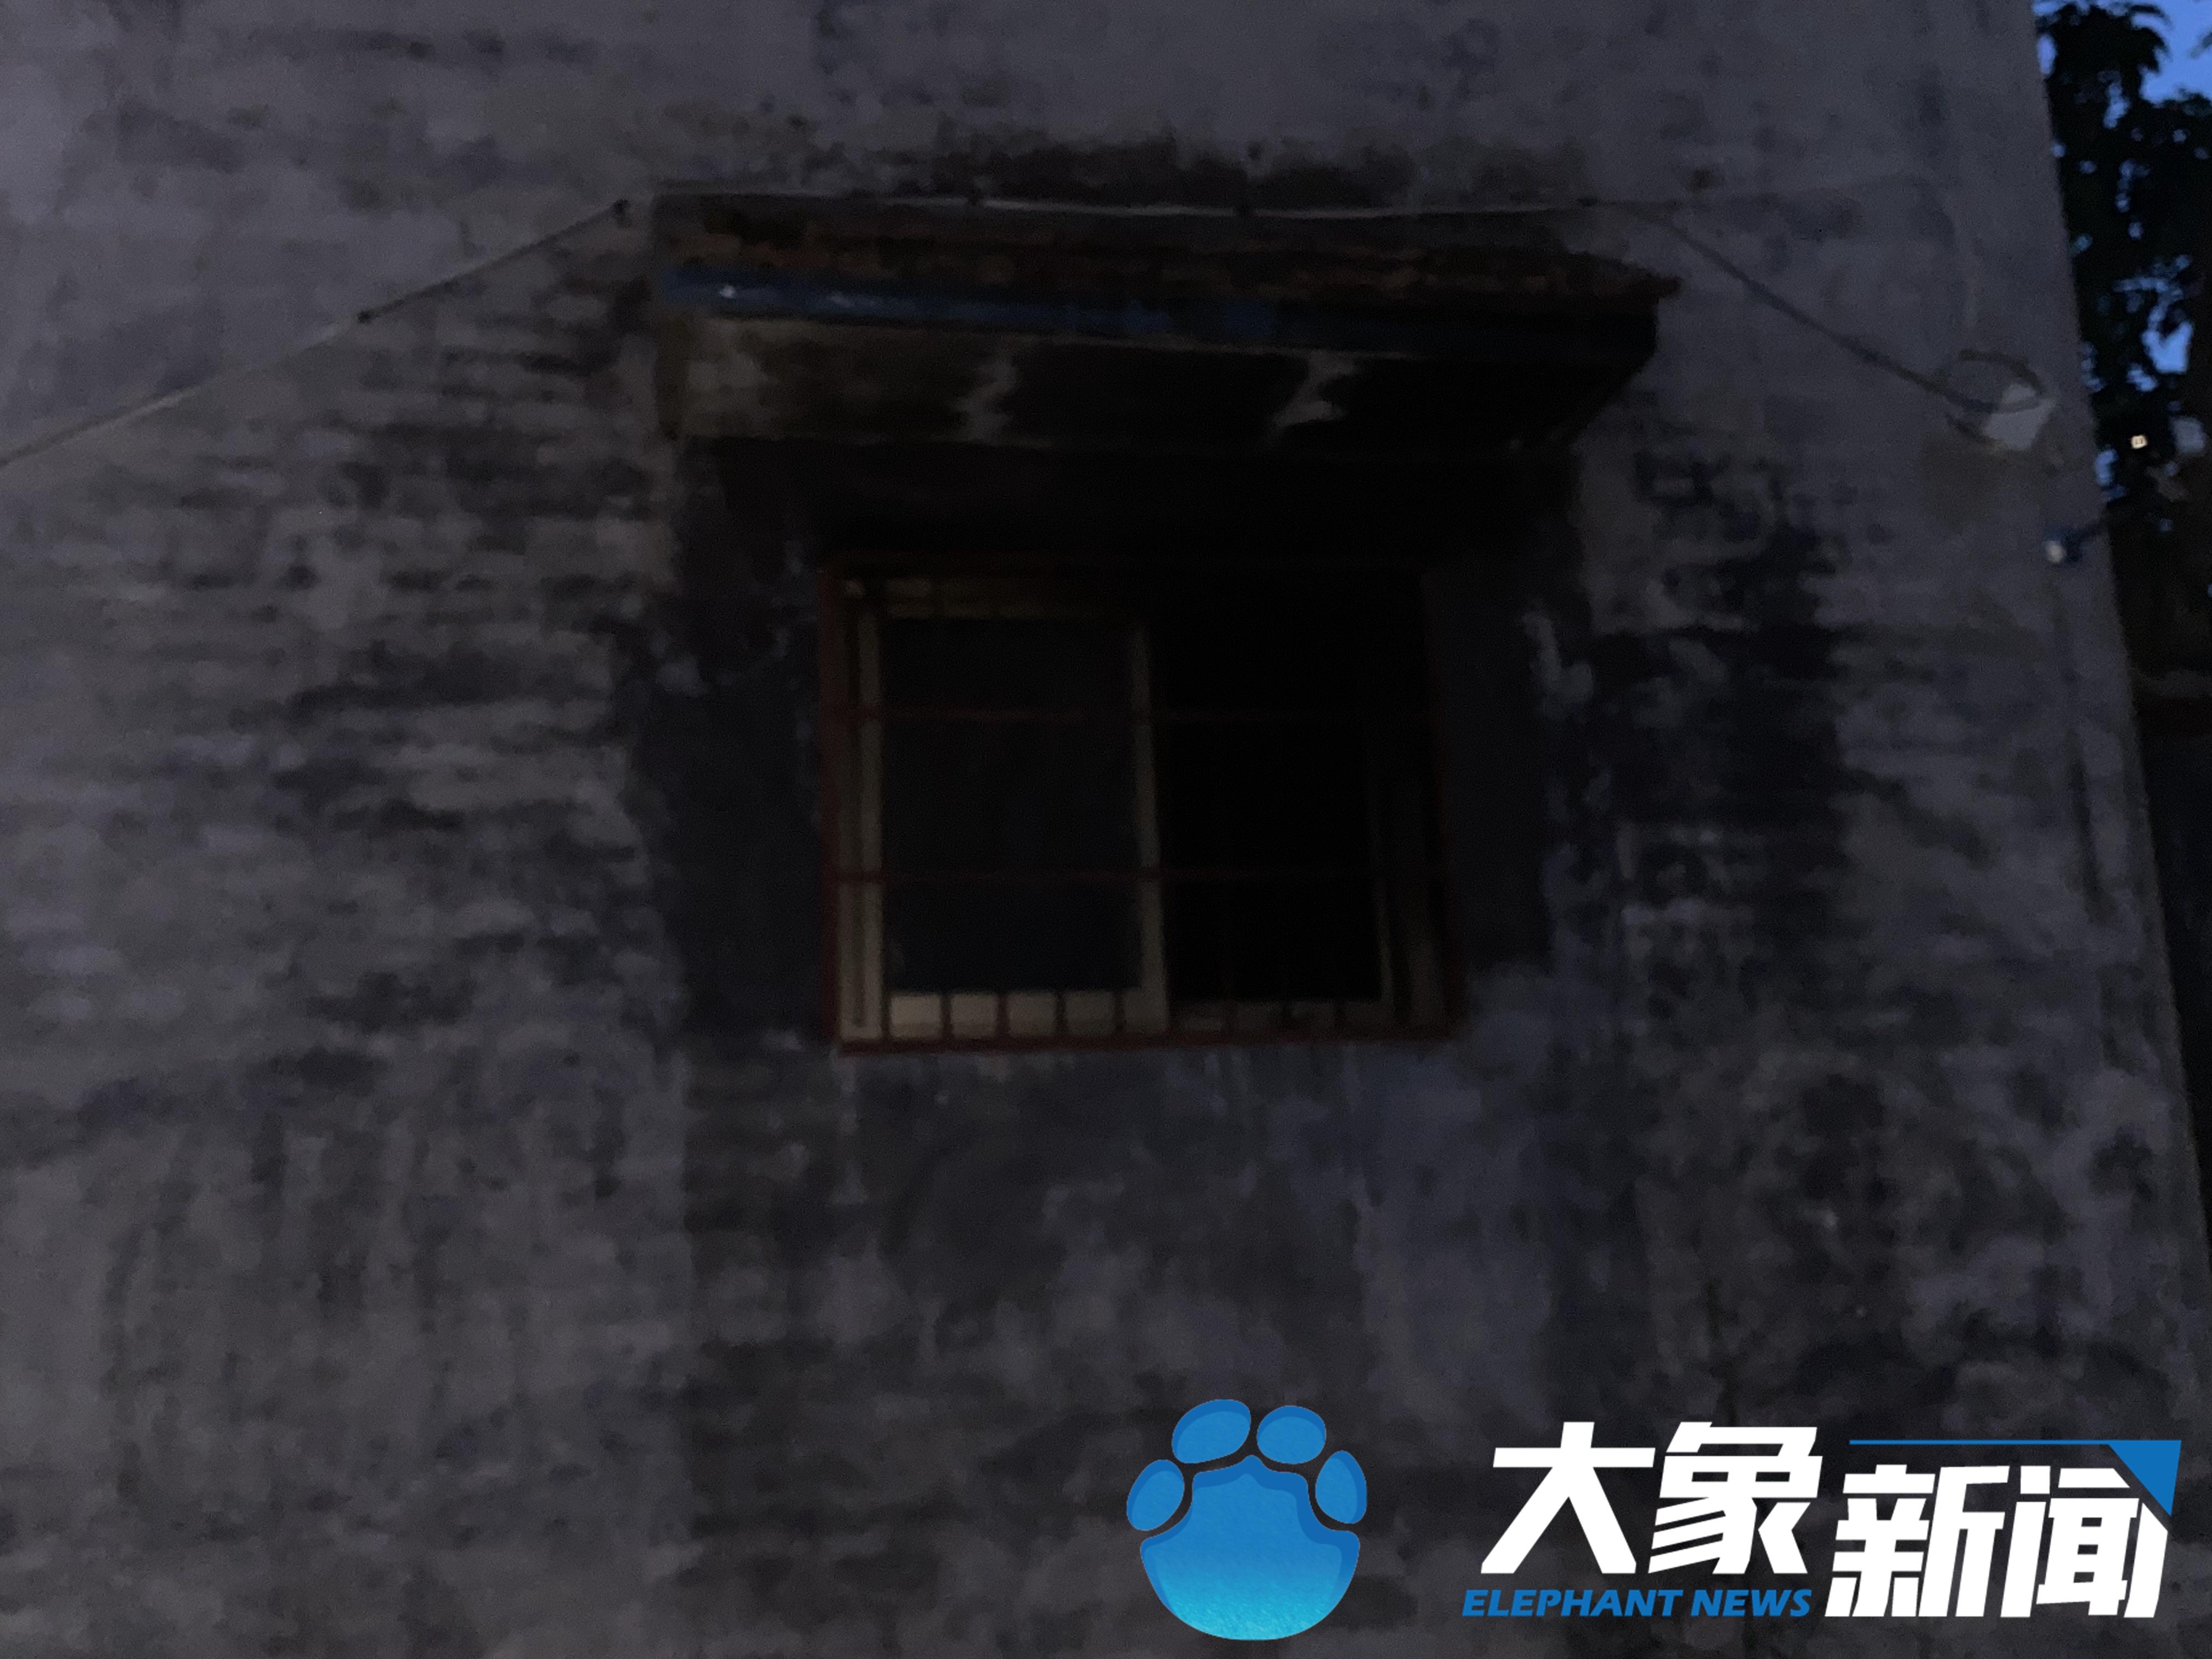 商丘虞城蹊跷火灾的背后:嫌疑人曾因持有假币罪、盗窃罪六次被判刑